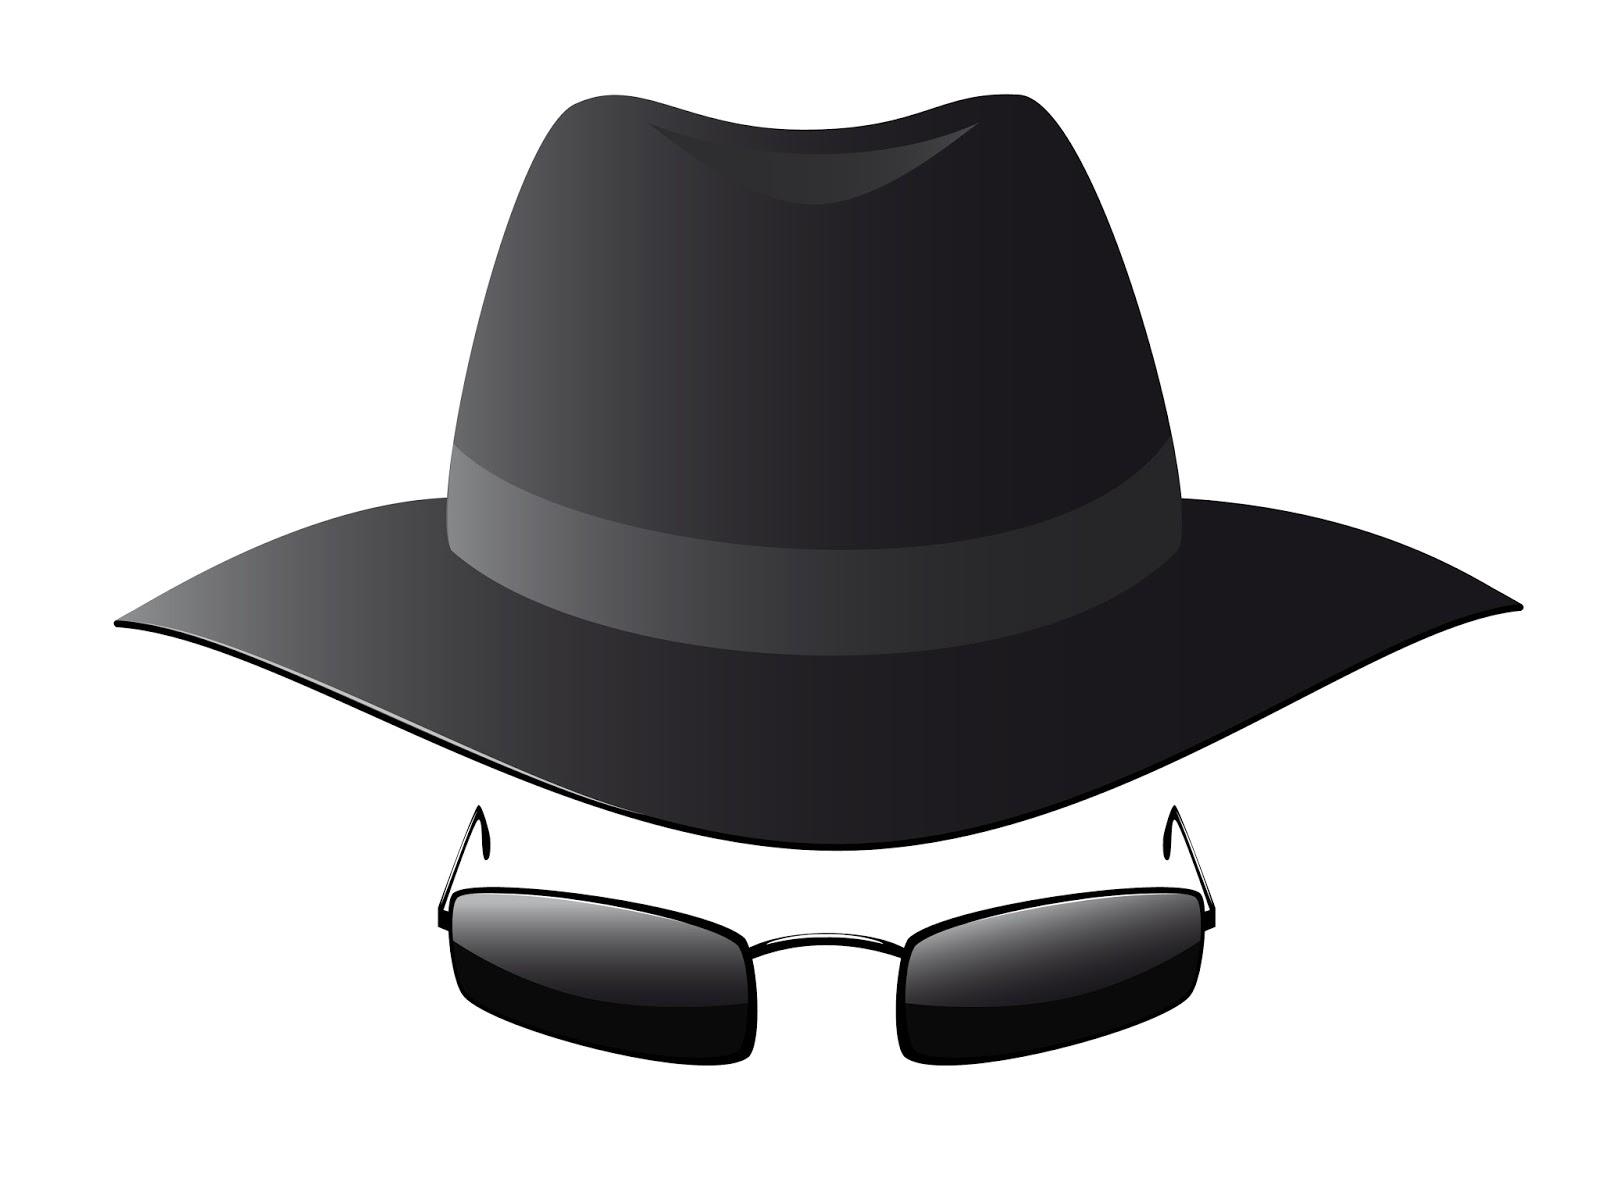 d4c57bbf291 Un Black hat hackers es una persona que intenta encontrar vulnerabilidades  de seguridad informática y explotarlas con fines de lucro personal u otras  ...